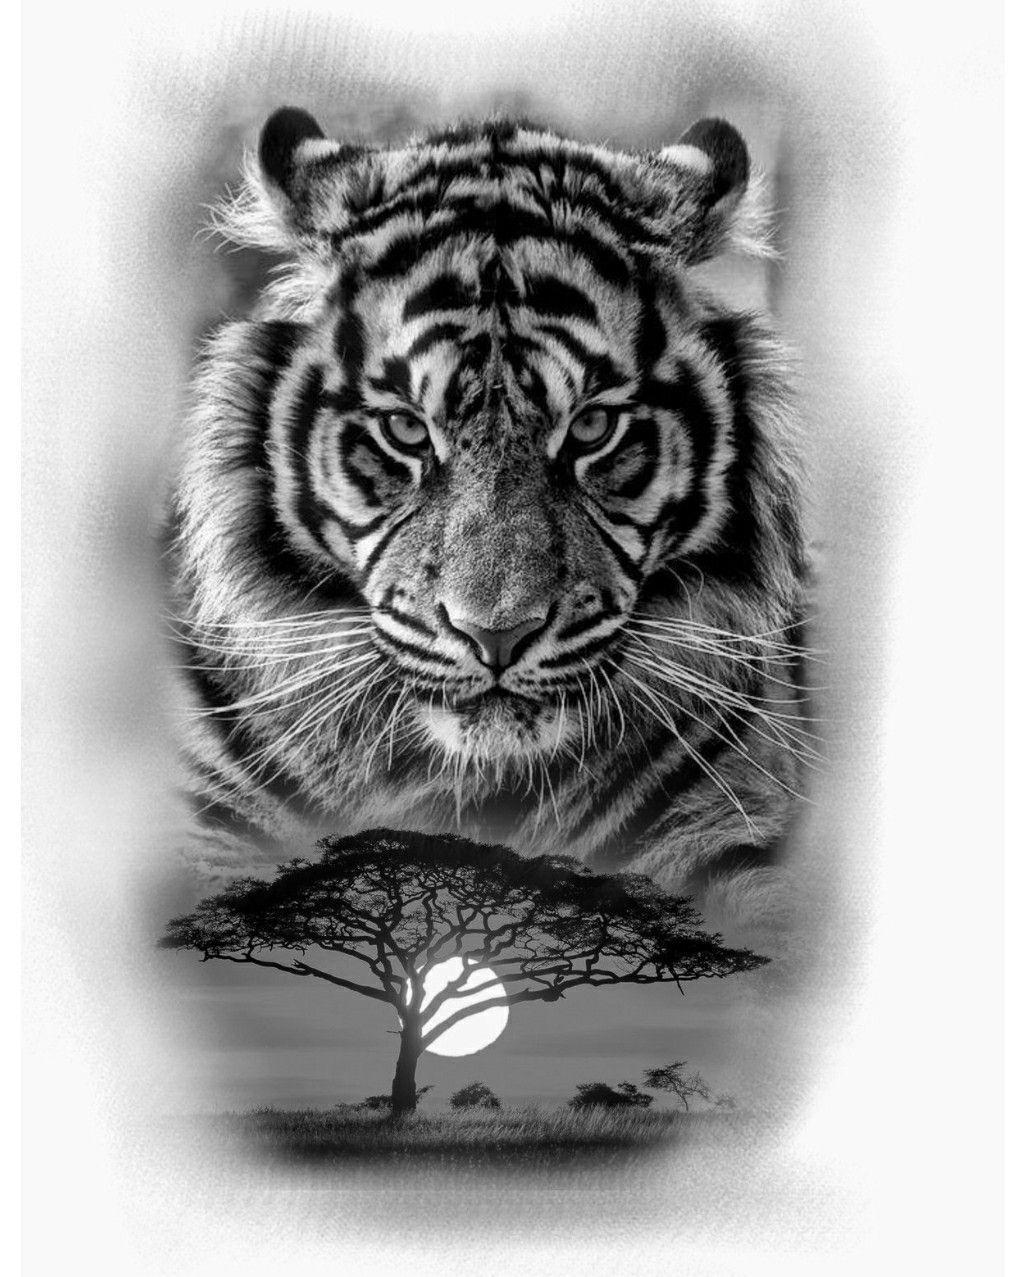 Realistic Tiger Half Sleeve Best Tattoo Design Ideas We Use Cookies On Tattoo Ideas To Ensure That We G Cat Tattoo Designs Tiger Tattoo Design Animal Tattoos